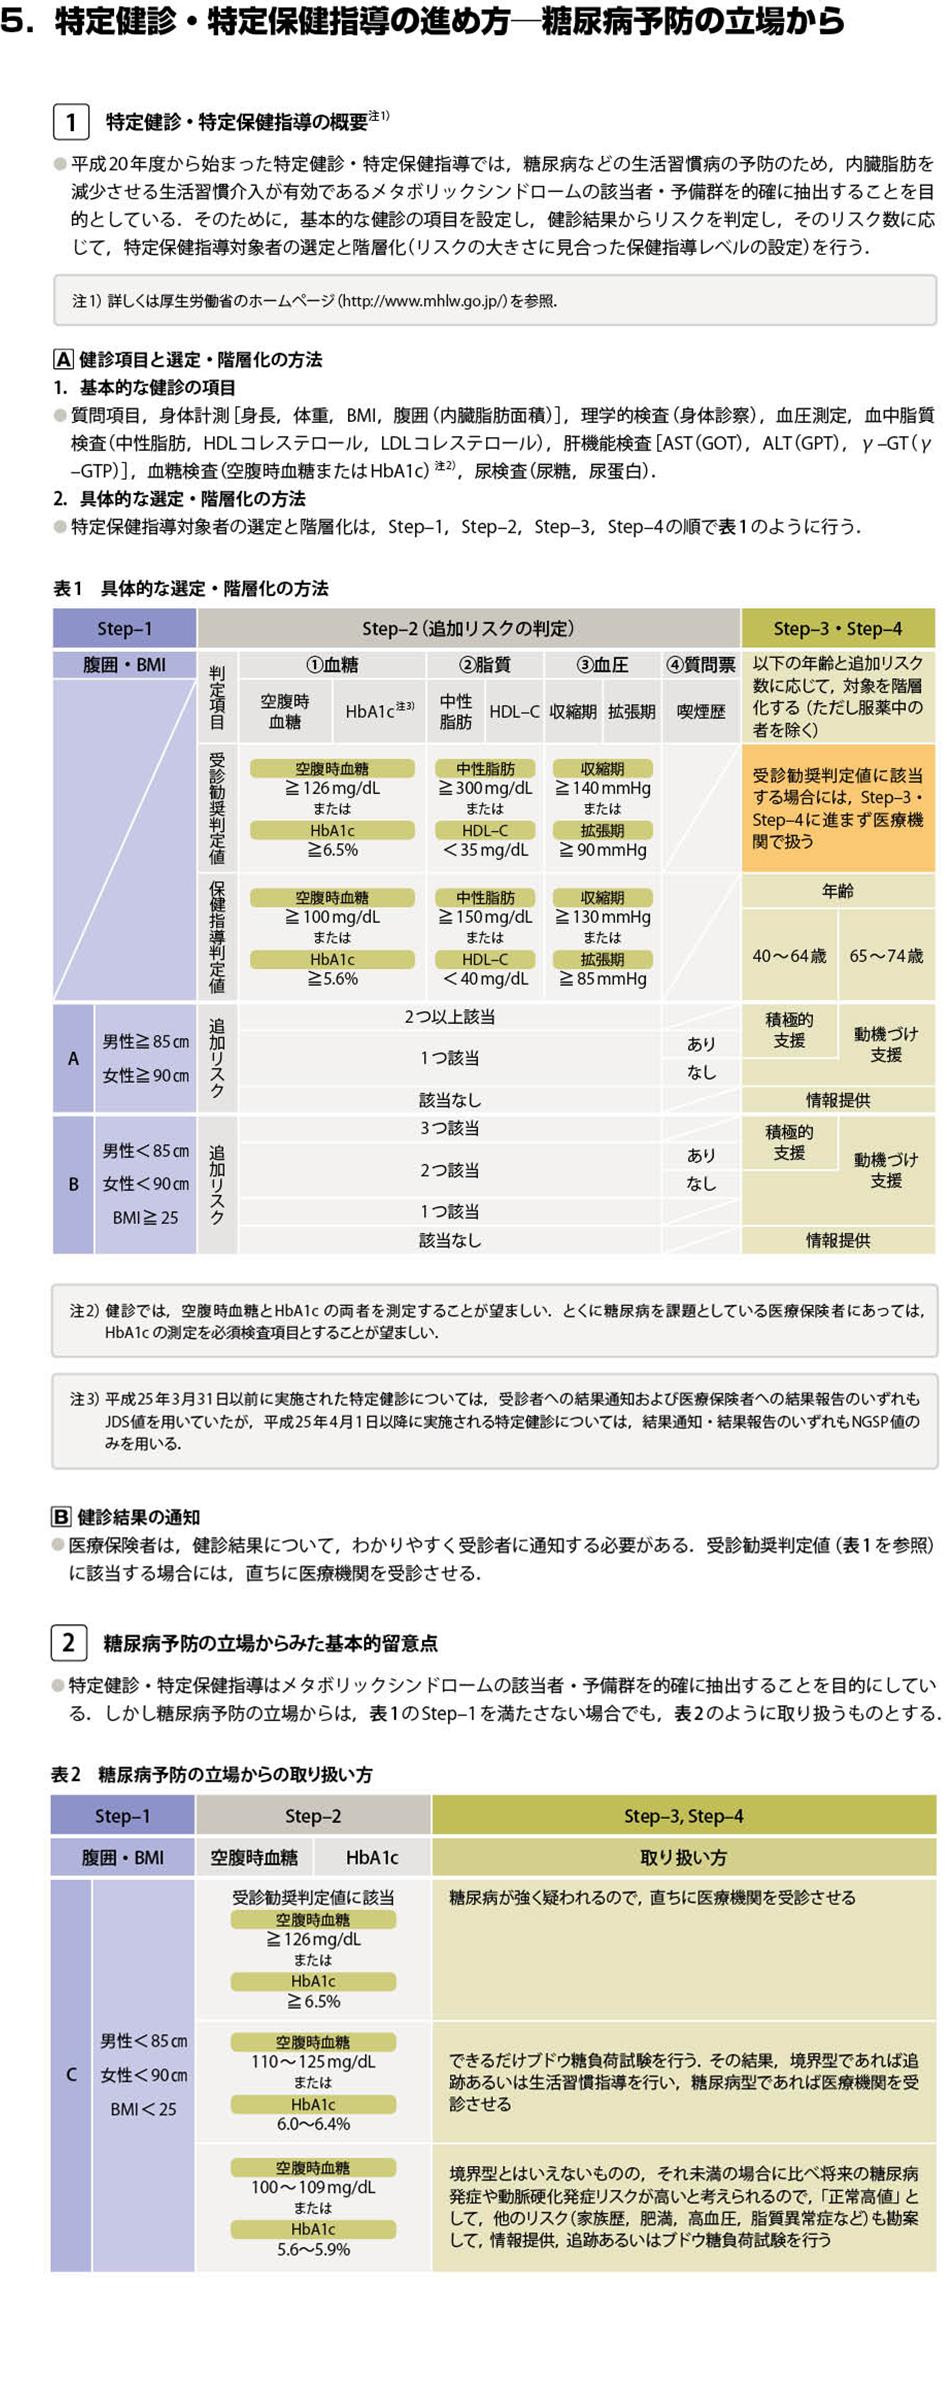 糖尿病治療ガイド2014-2015(抜粋)[6]